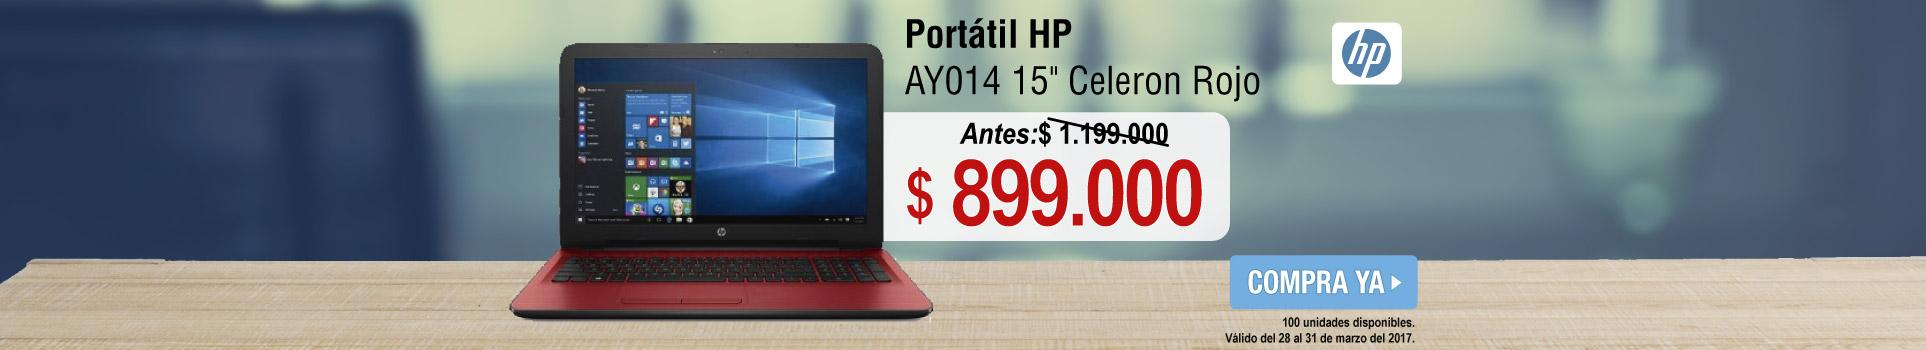 Portátil HP AY014 15 Celeron Rojo - banner principal